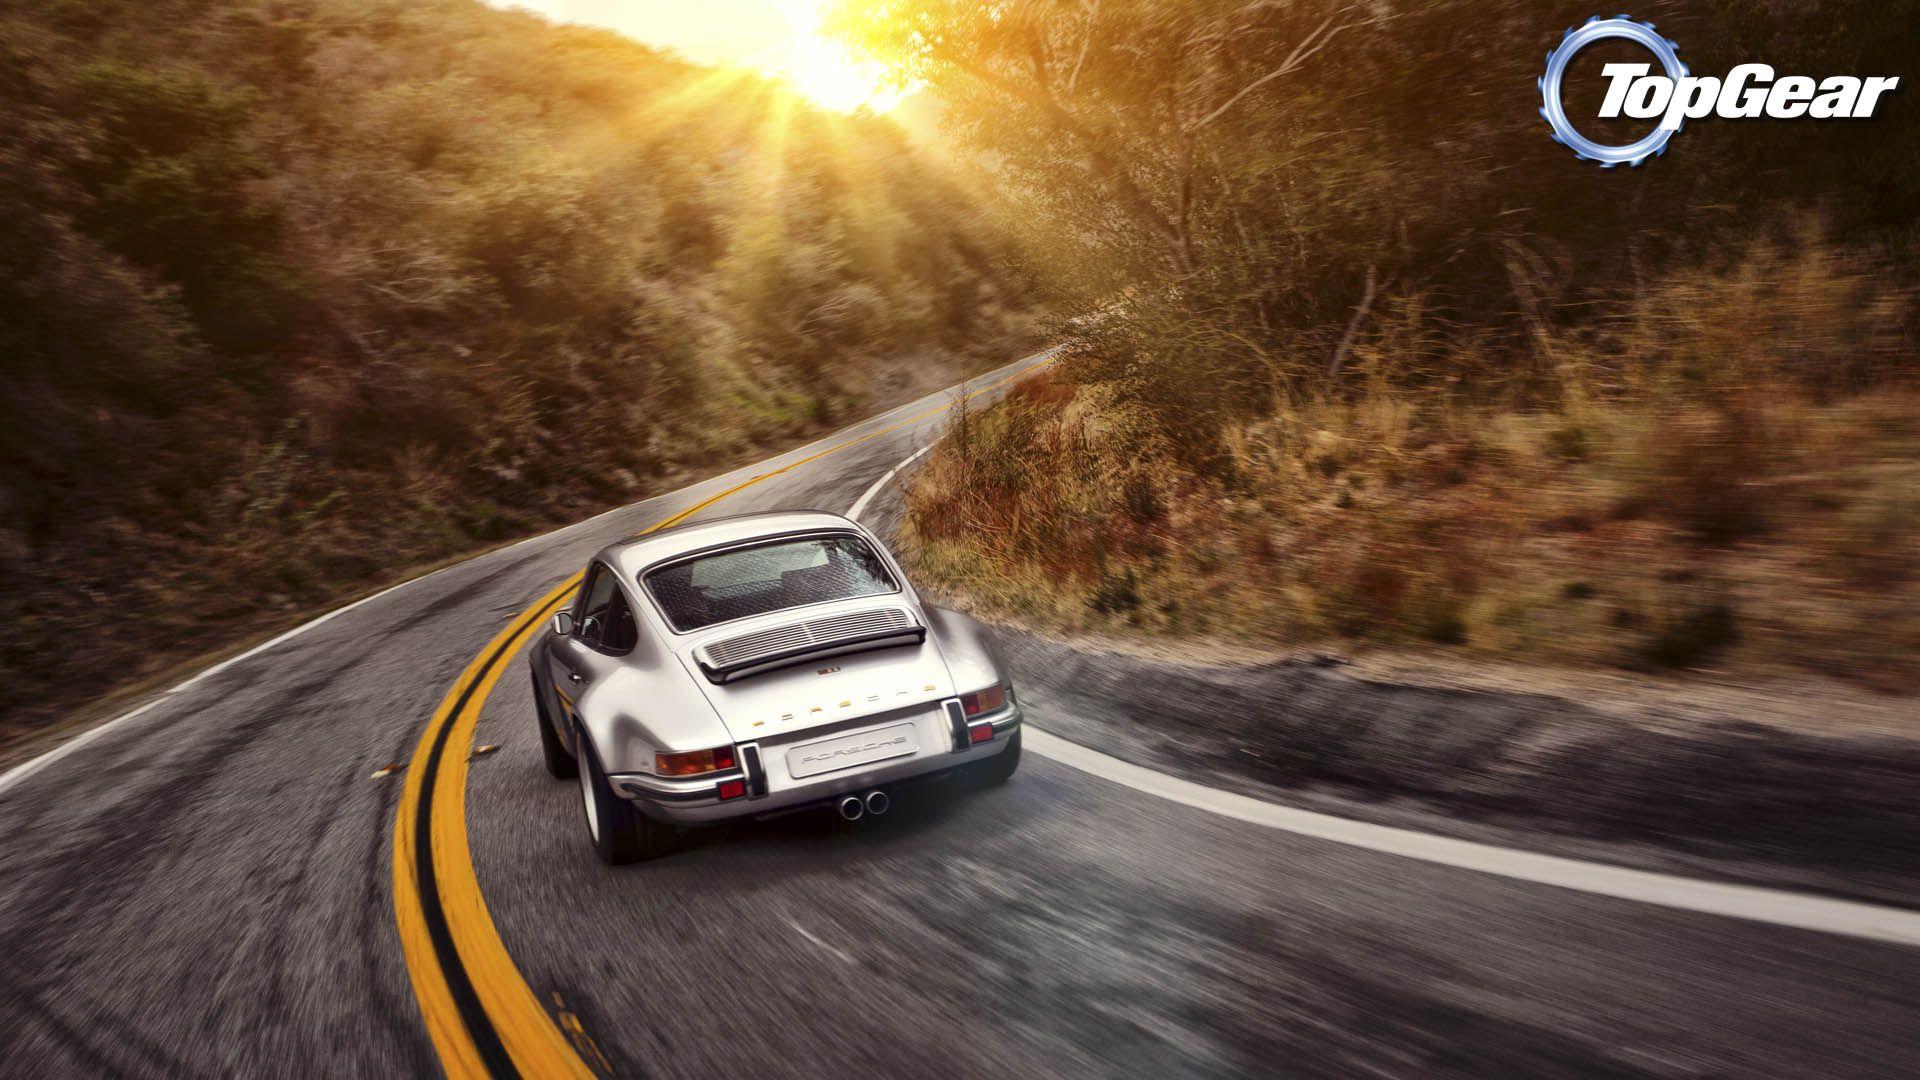 Https Topgear Nl Thumbs Hd 2018 07 Singer Dls 1 Jpg Singer Porsche Classic Porsche Porsche 964